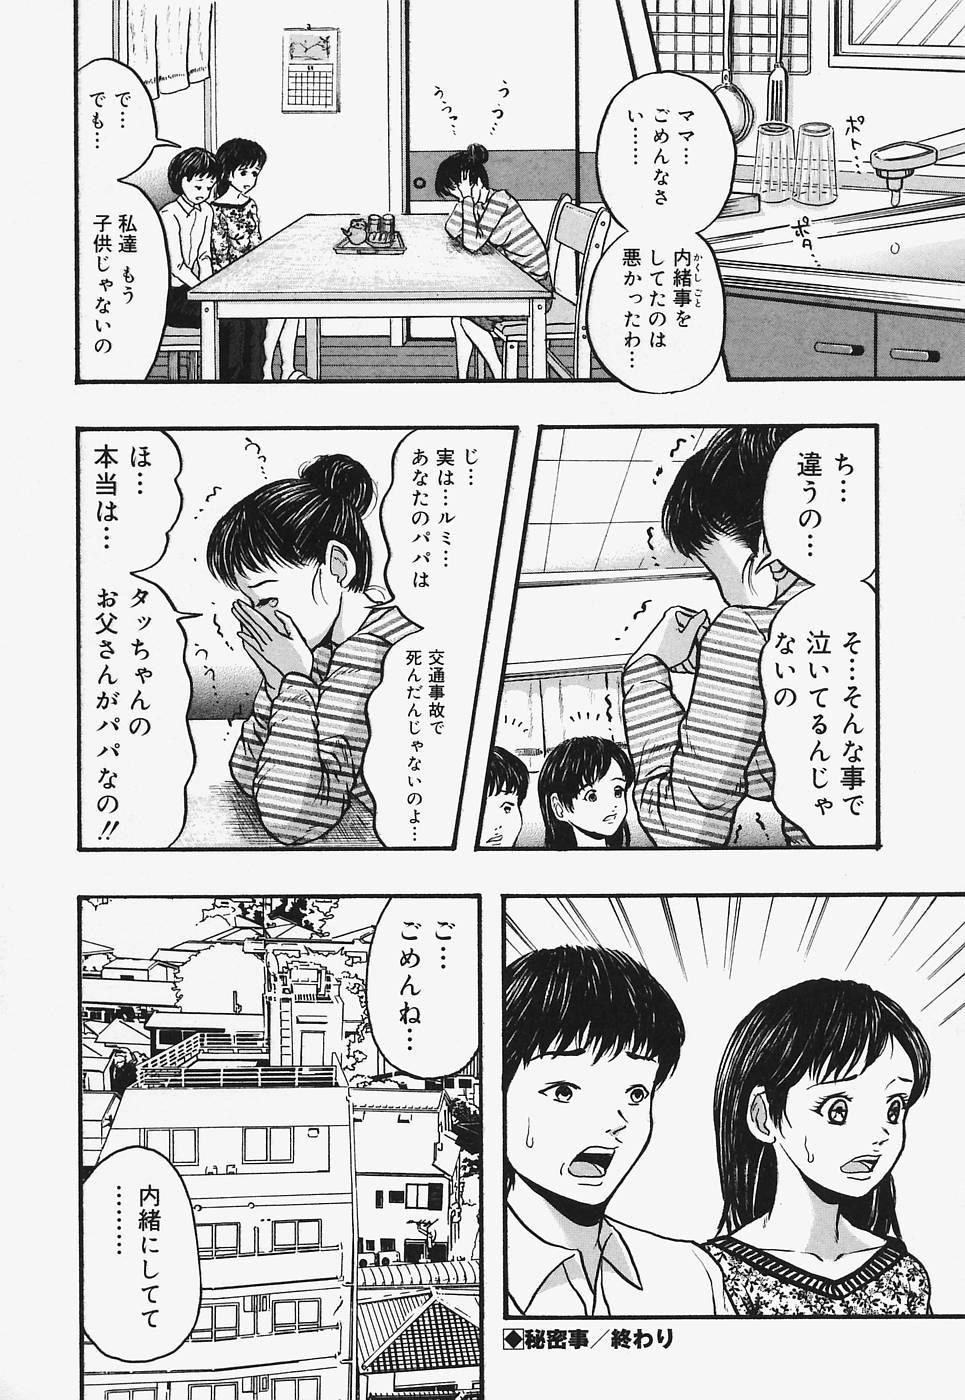 Nurunuru Syoujyo Jiru 65